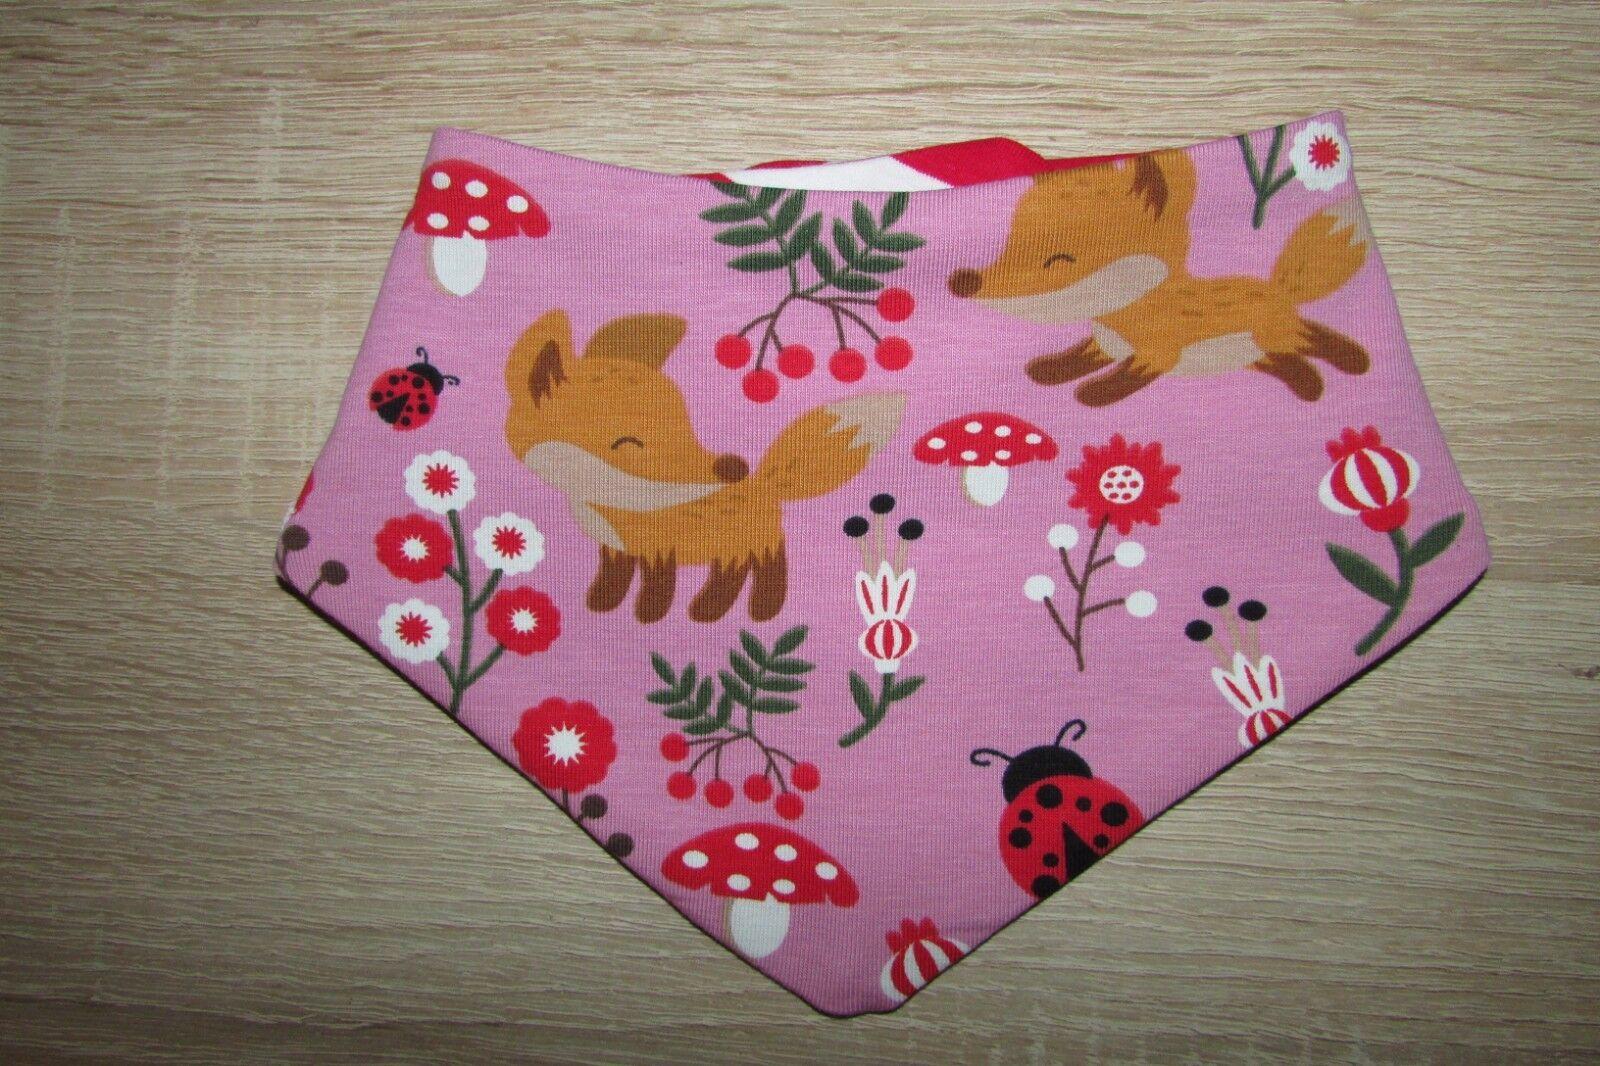 rosa Wende Halstuch/Nickituch mit Fuchs im Wald auf rosa 0-12  Monate Handmade